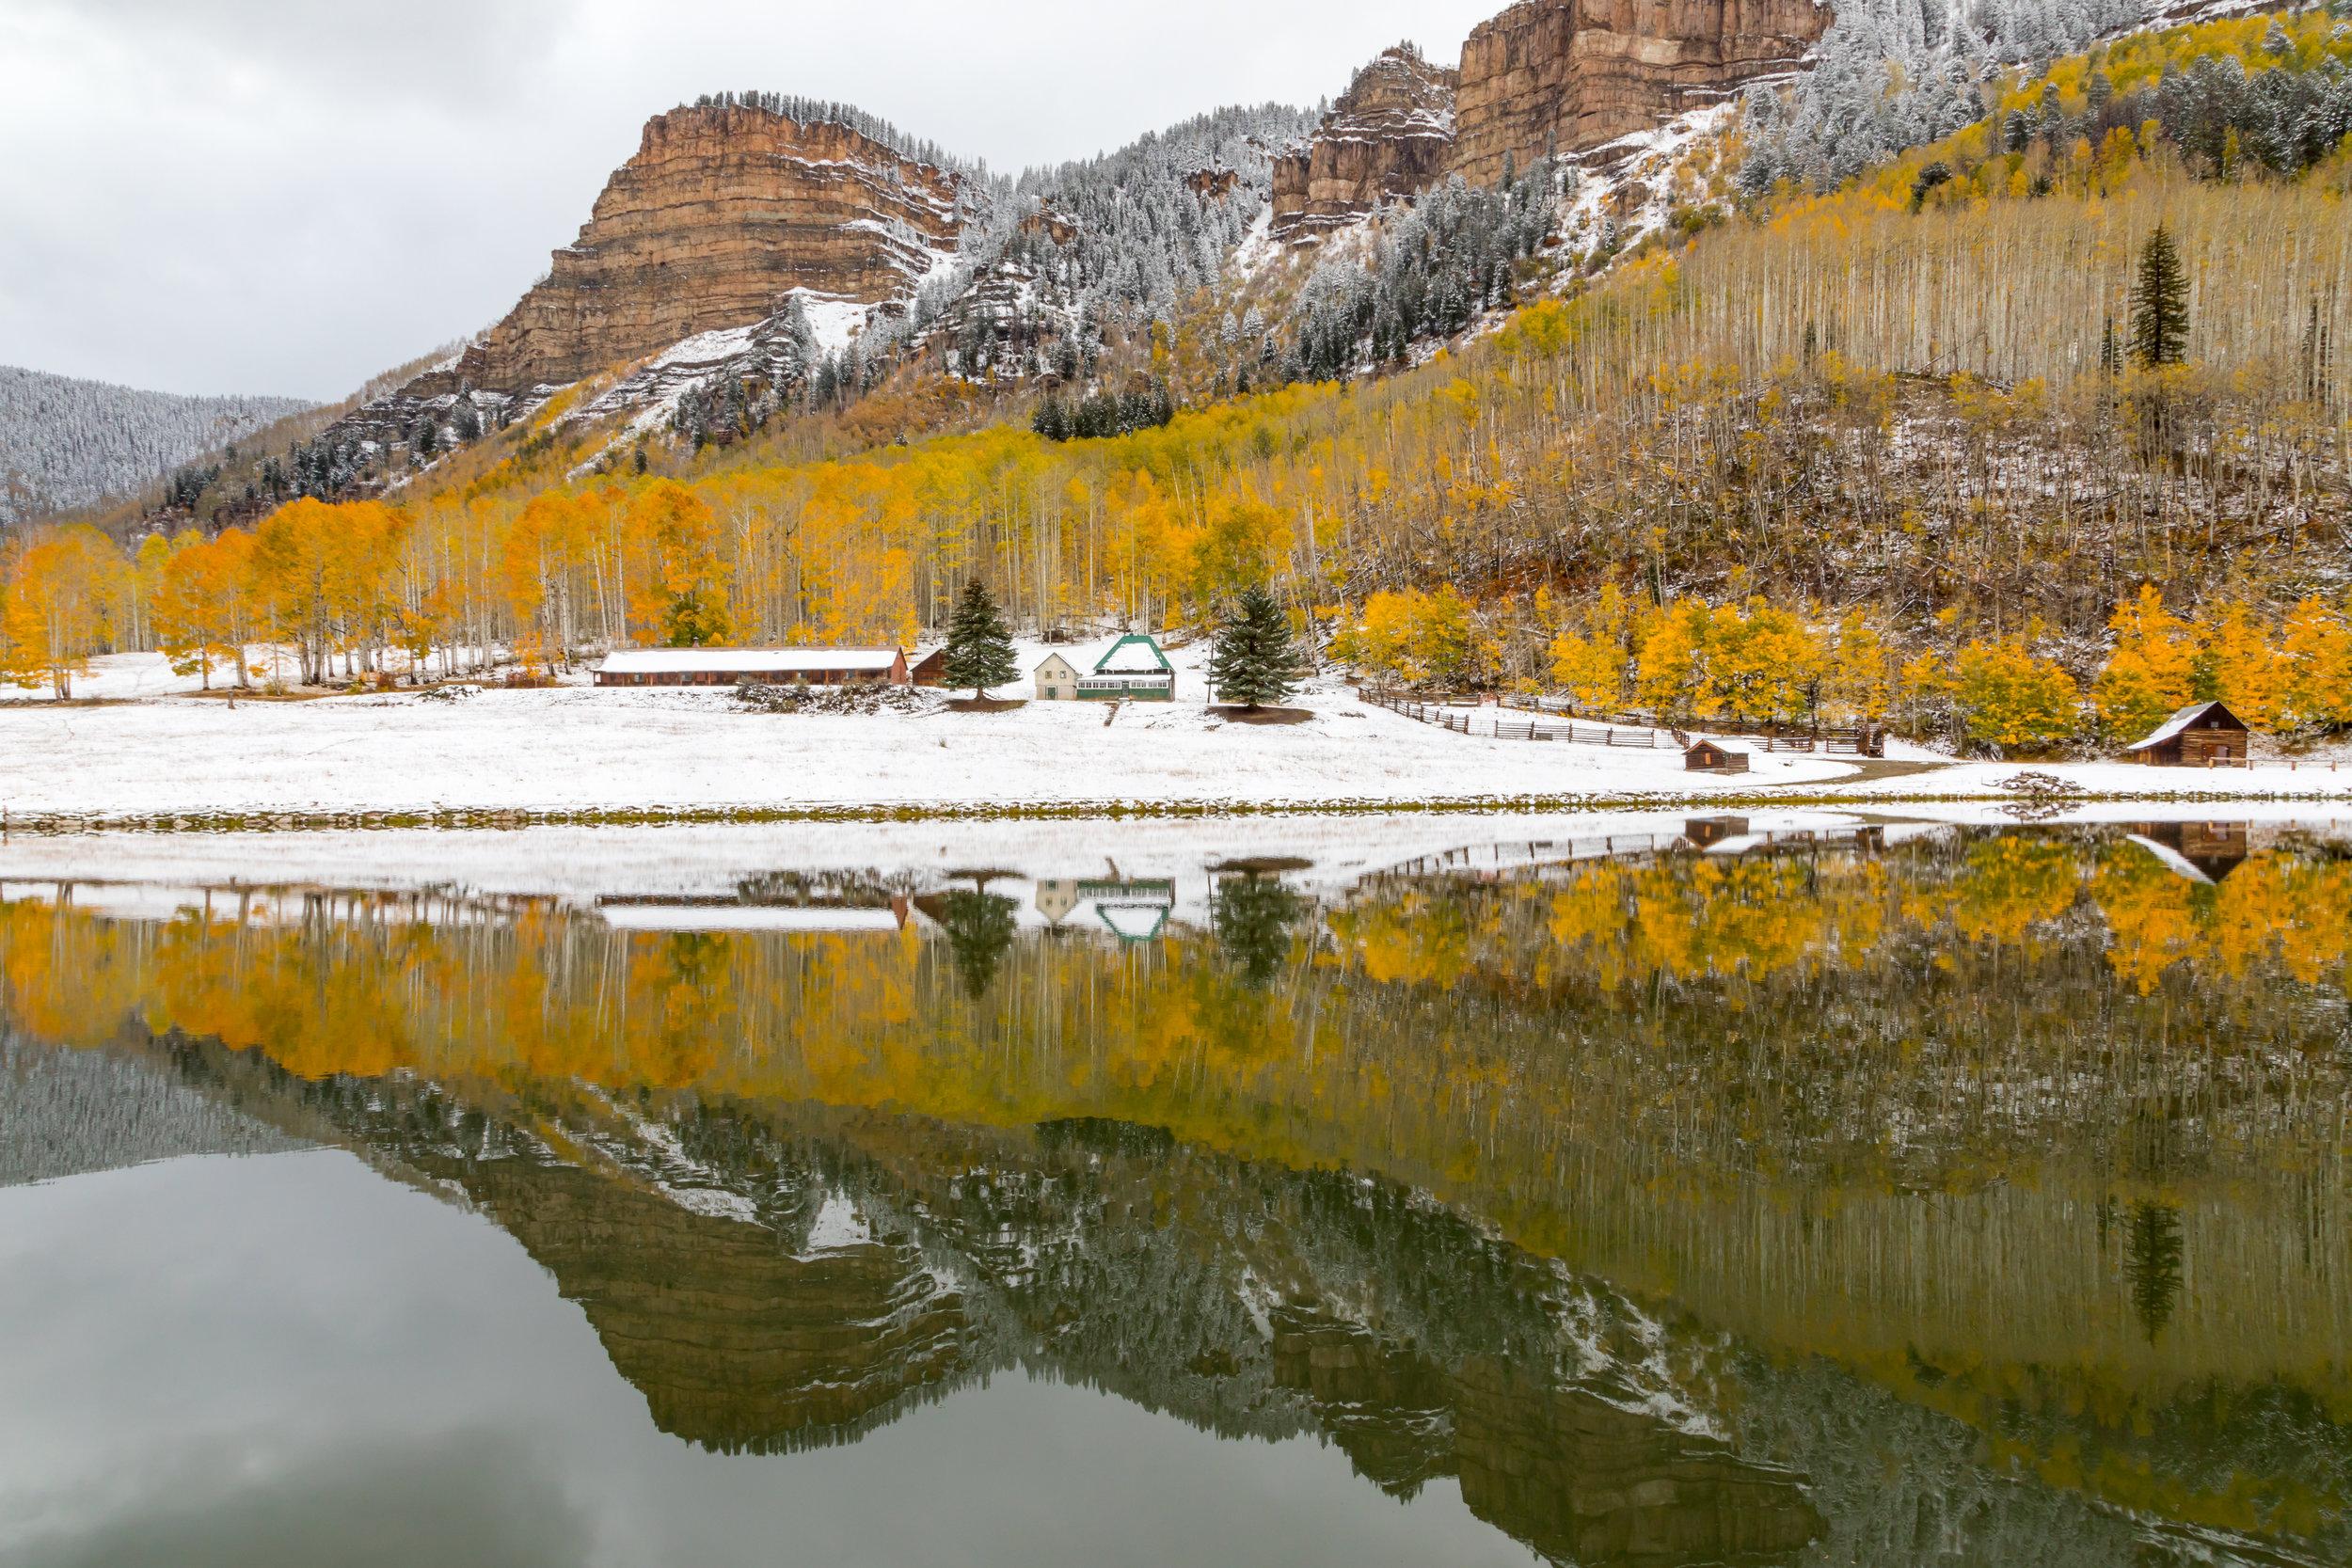 Hotter Pond, Image # 4697